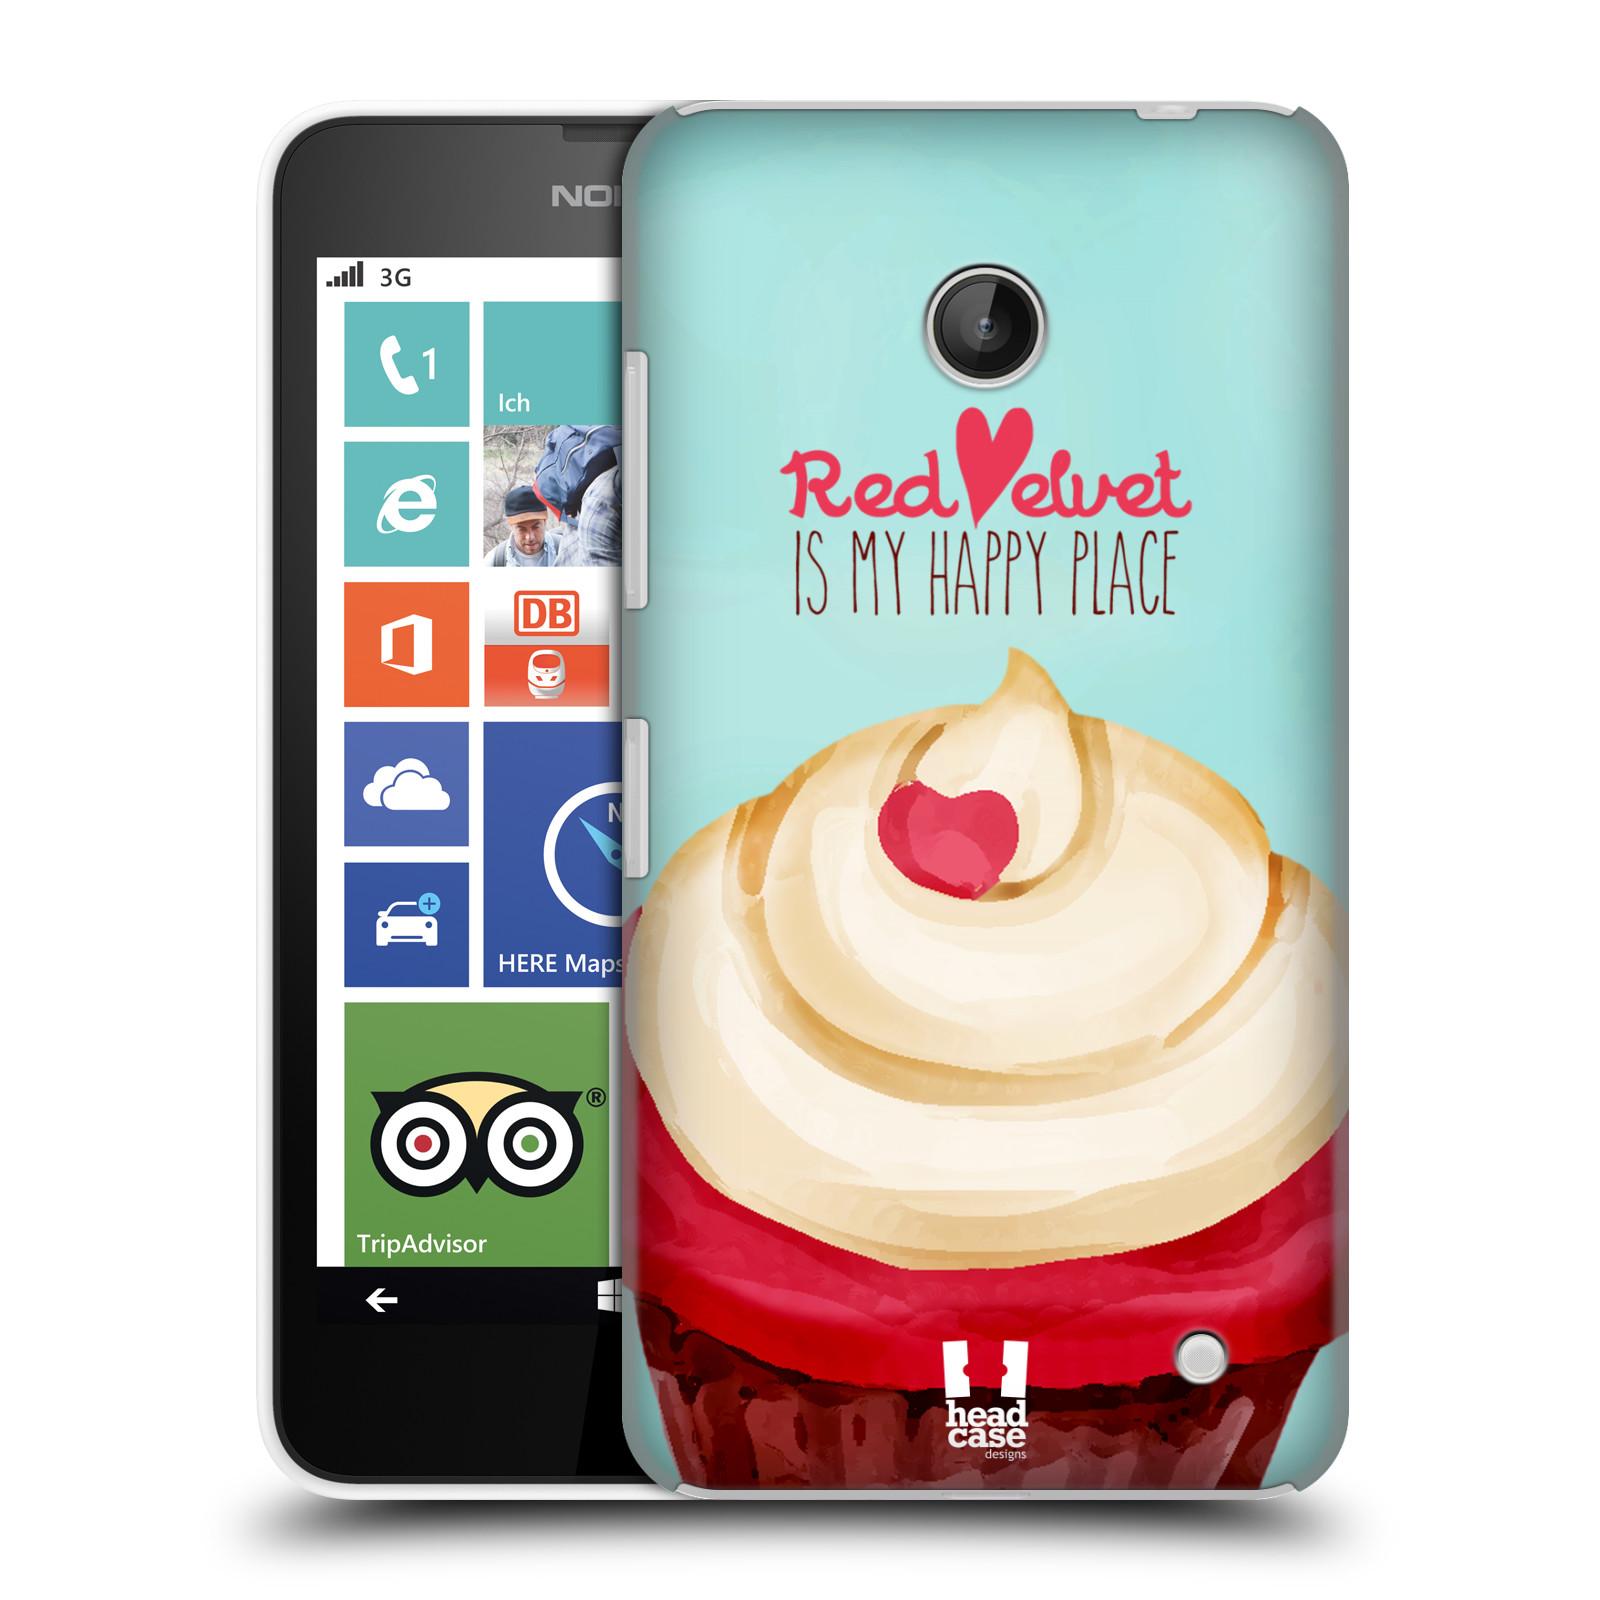 Plastové pouzdro na mobil Nokia Lumia 630 HEAD CASE CUPCAKE RED VELVET (Kryt či obal na mobilní telefon Nokia Lumia 630 a Nokia Lumia 630 Dual SIM)